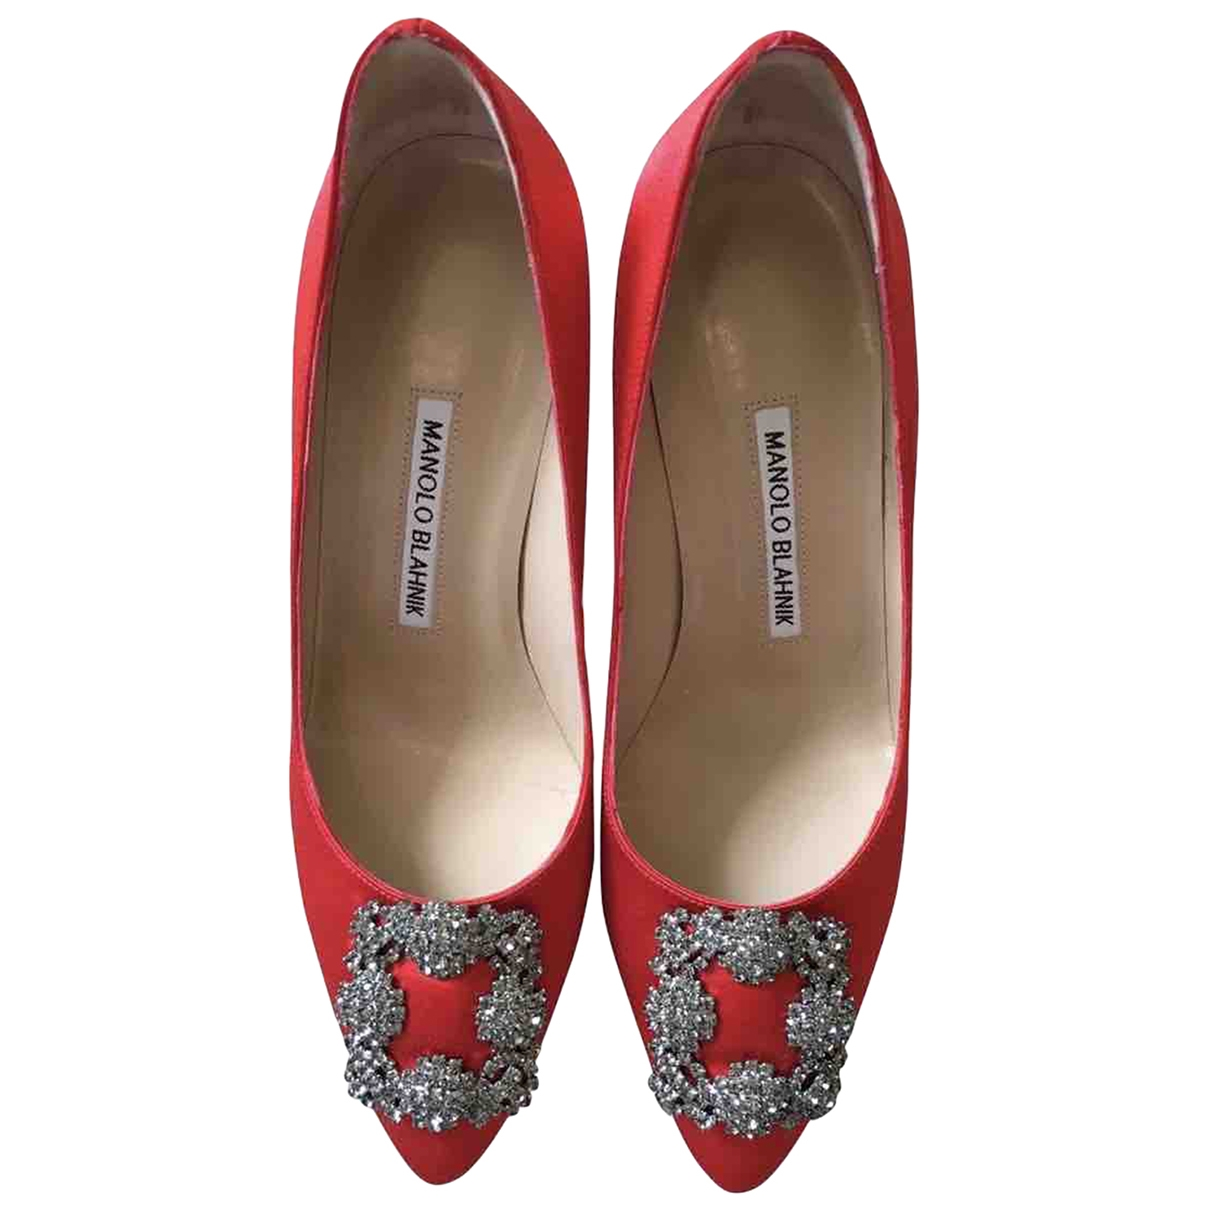 Manolo Blahnik Hangisi Red Cloth Heels for Women 5 UK